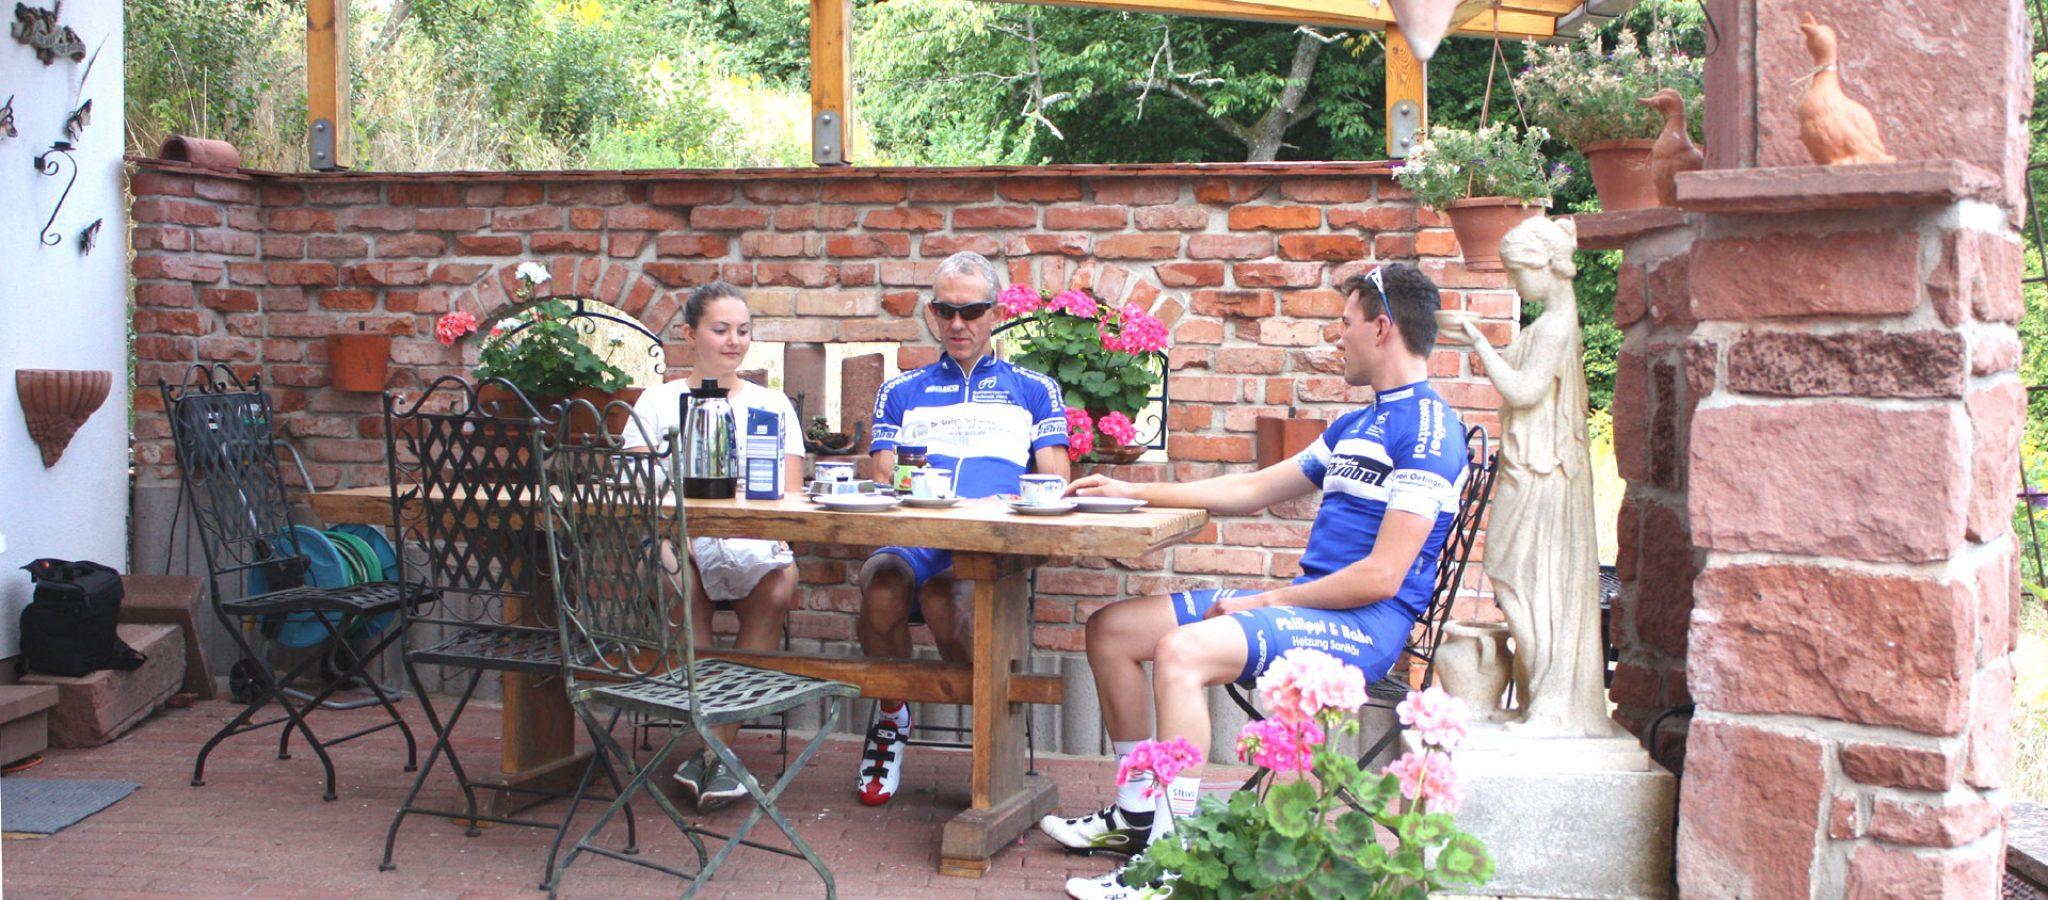 Terrasse mit Personen